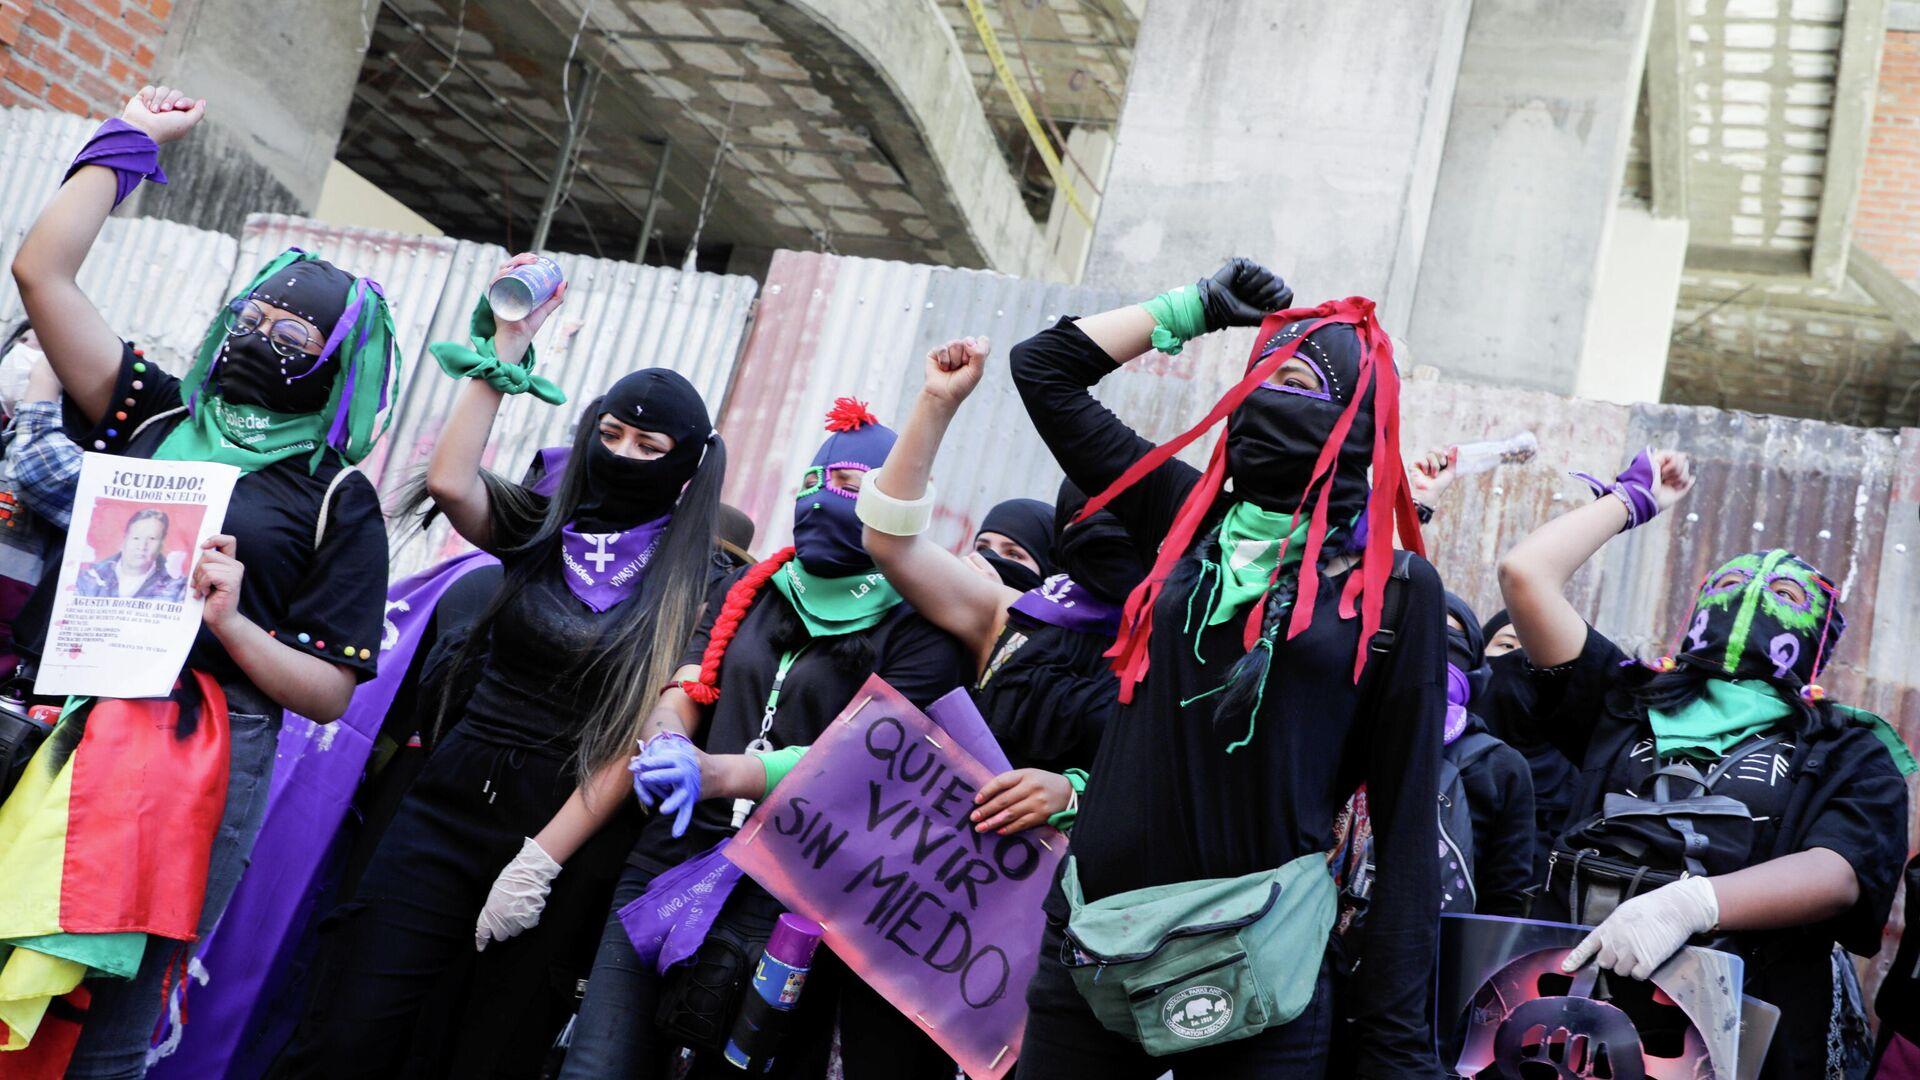 Marcha de las mujeres en Bolivia - Sputnik Mundo, 1920, 08.03.2021